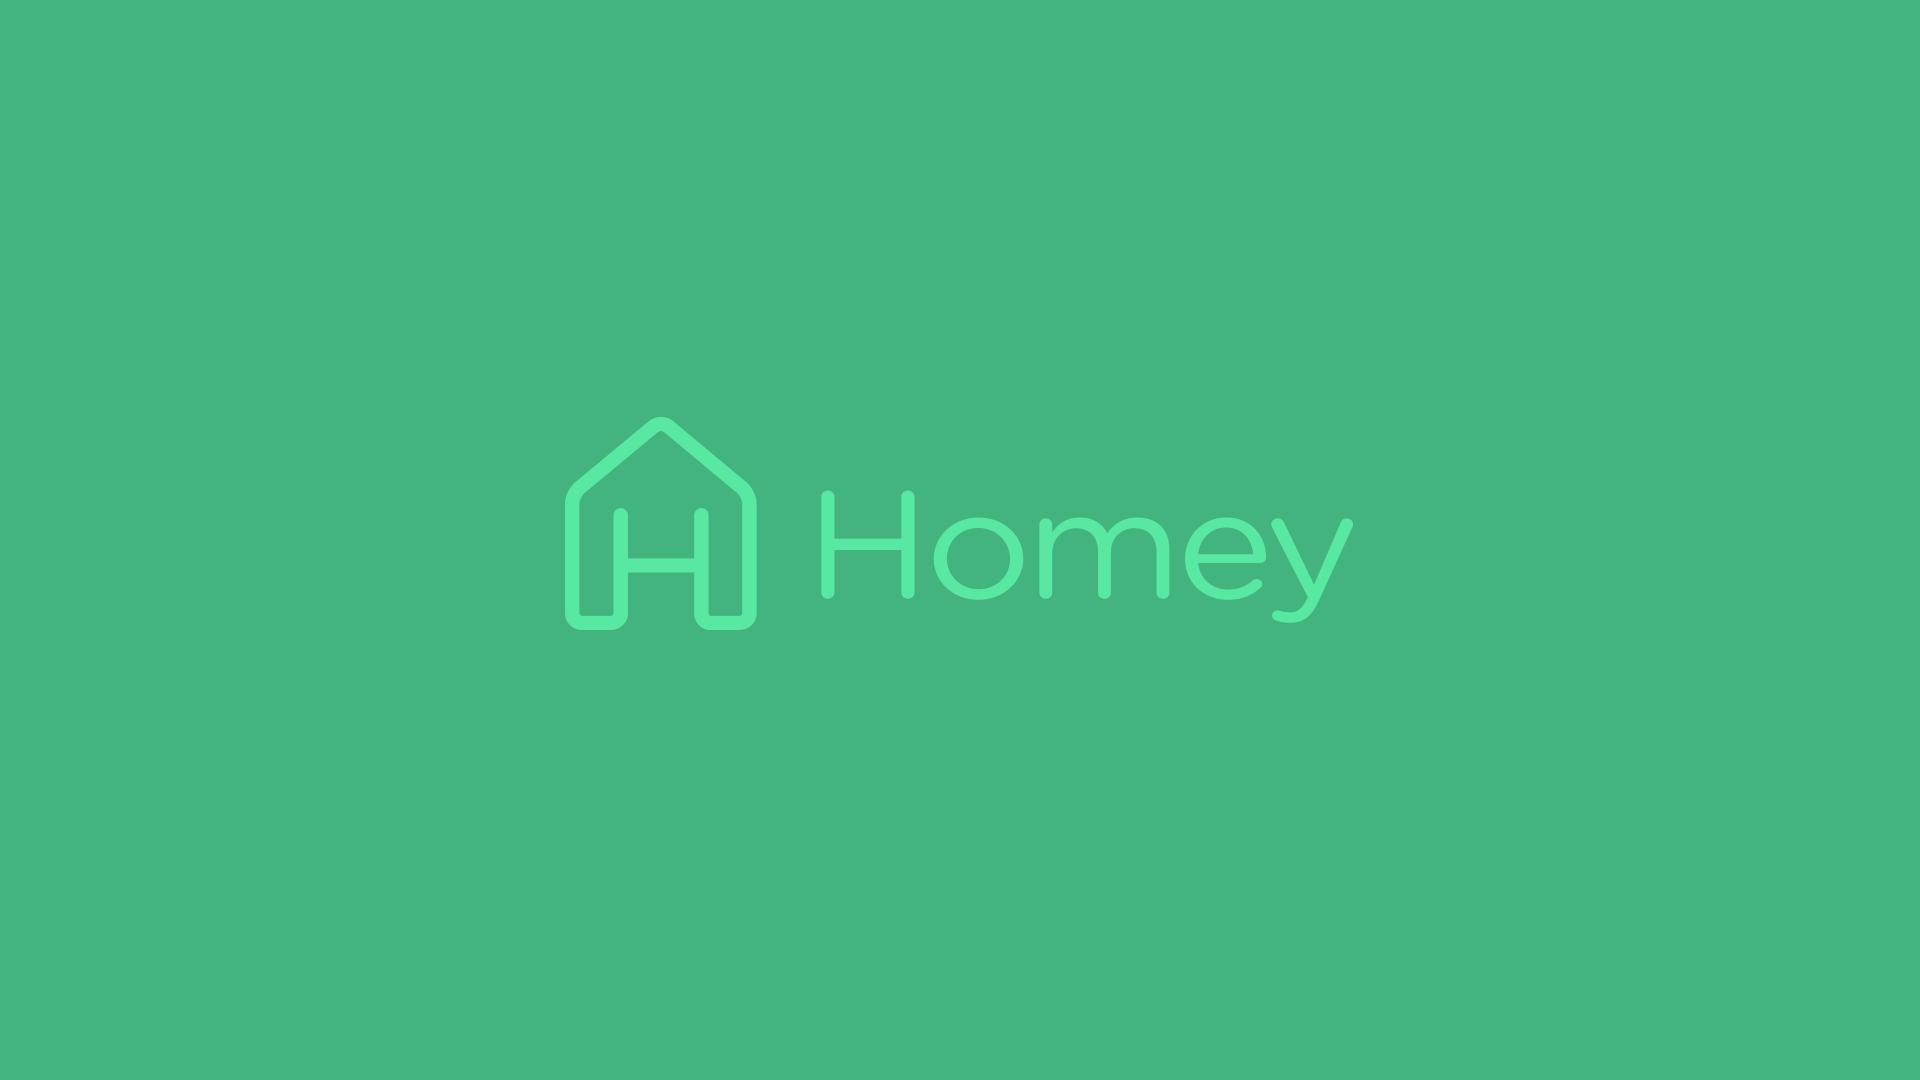 Homey logo design